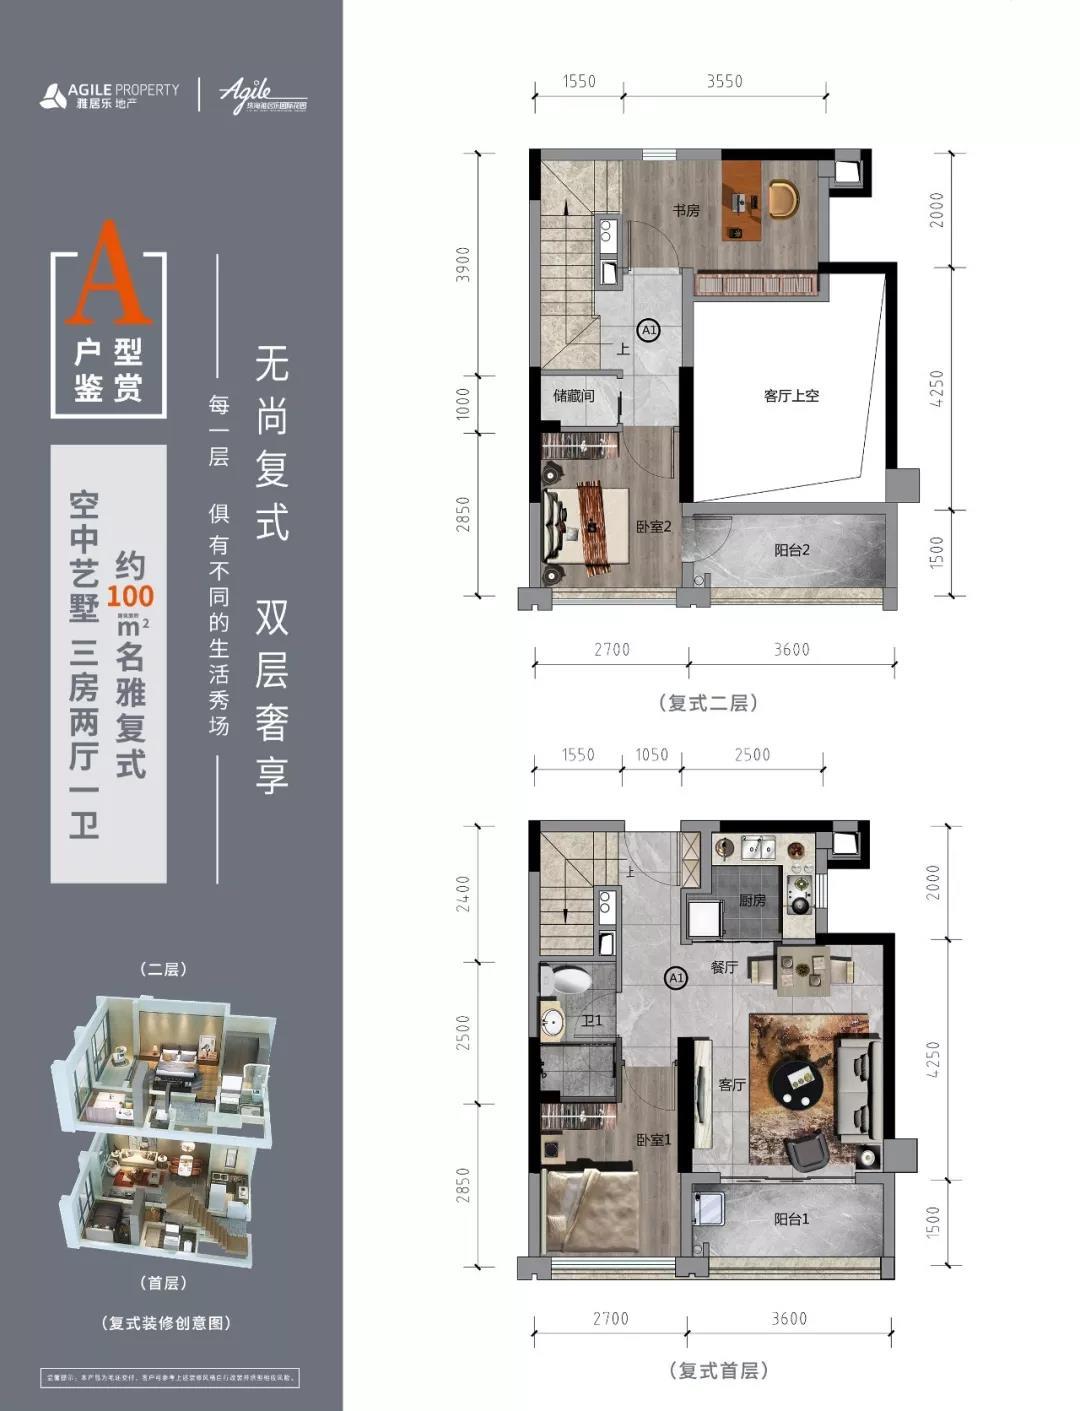 雅居乐国际花园A户型3室2厅1卫1厨建筑面积100㎡